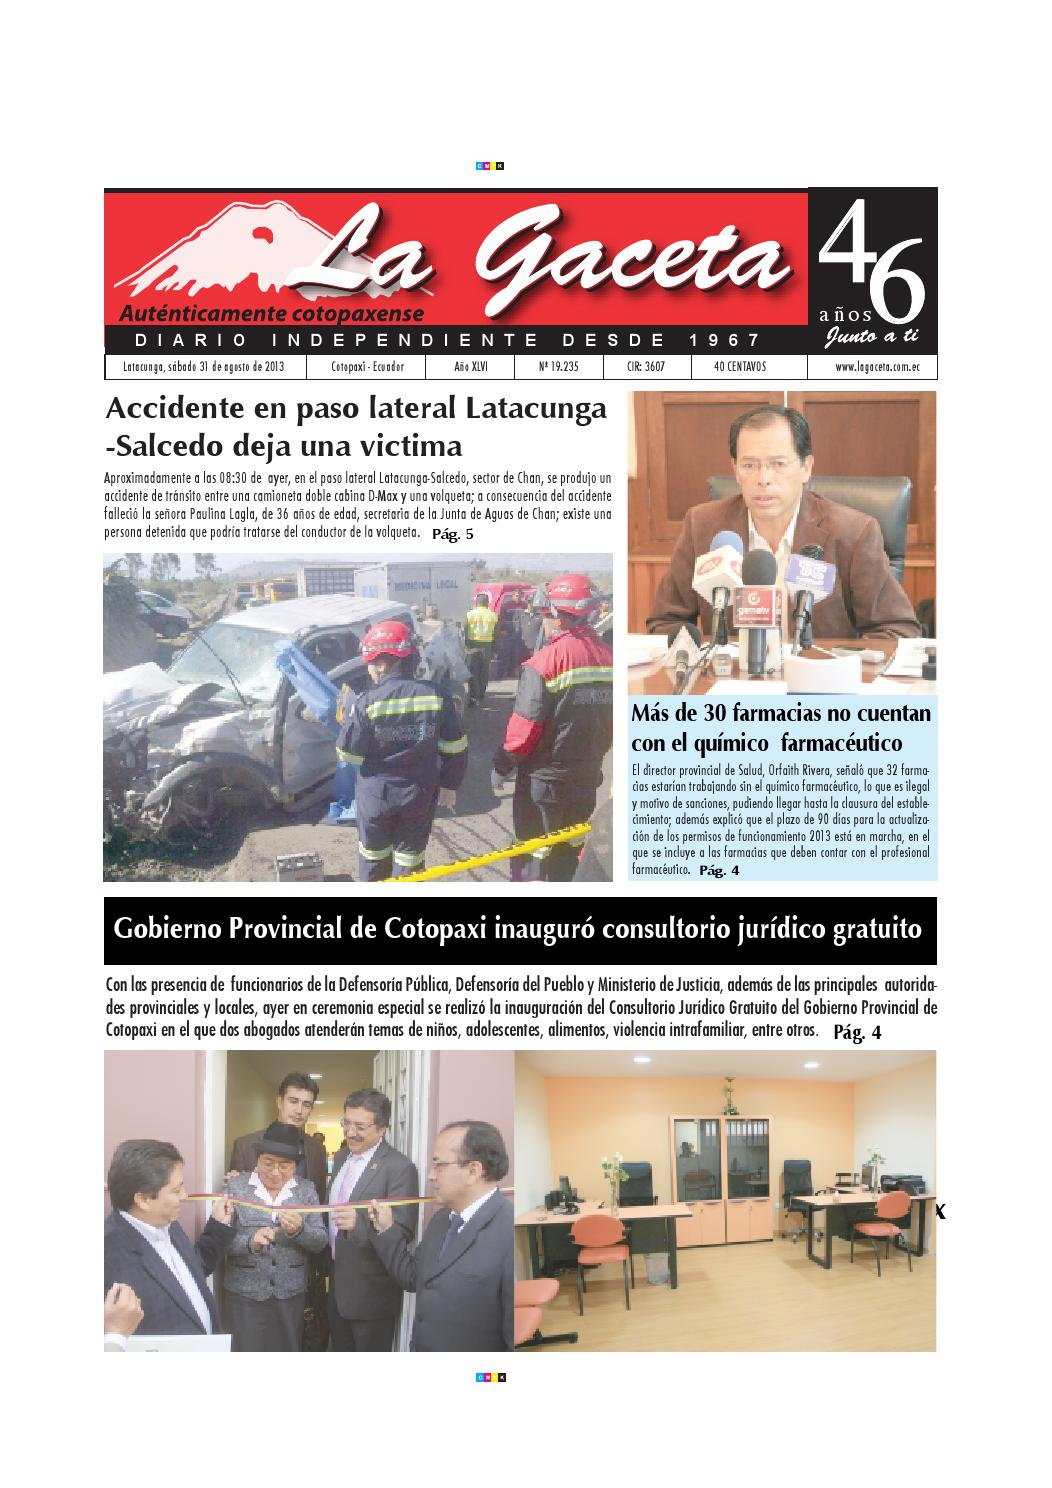 La Gaceta 31 agosto 2013 by Diario La Gaceta - issuu